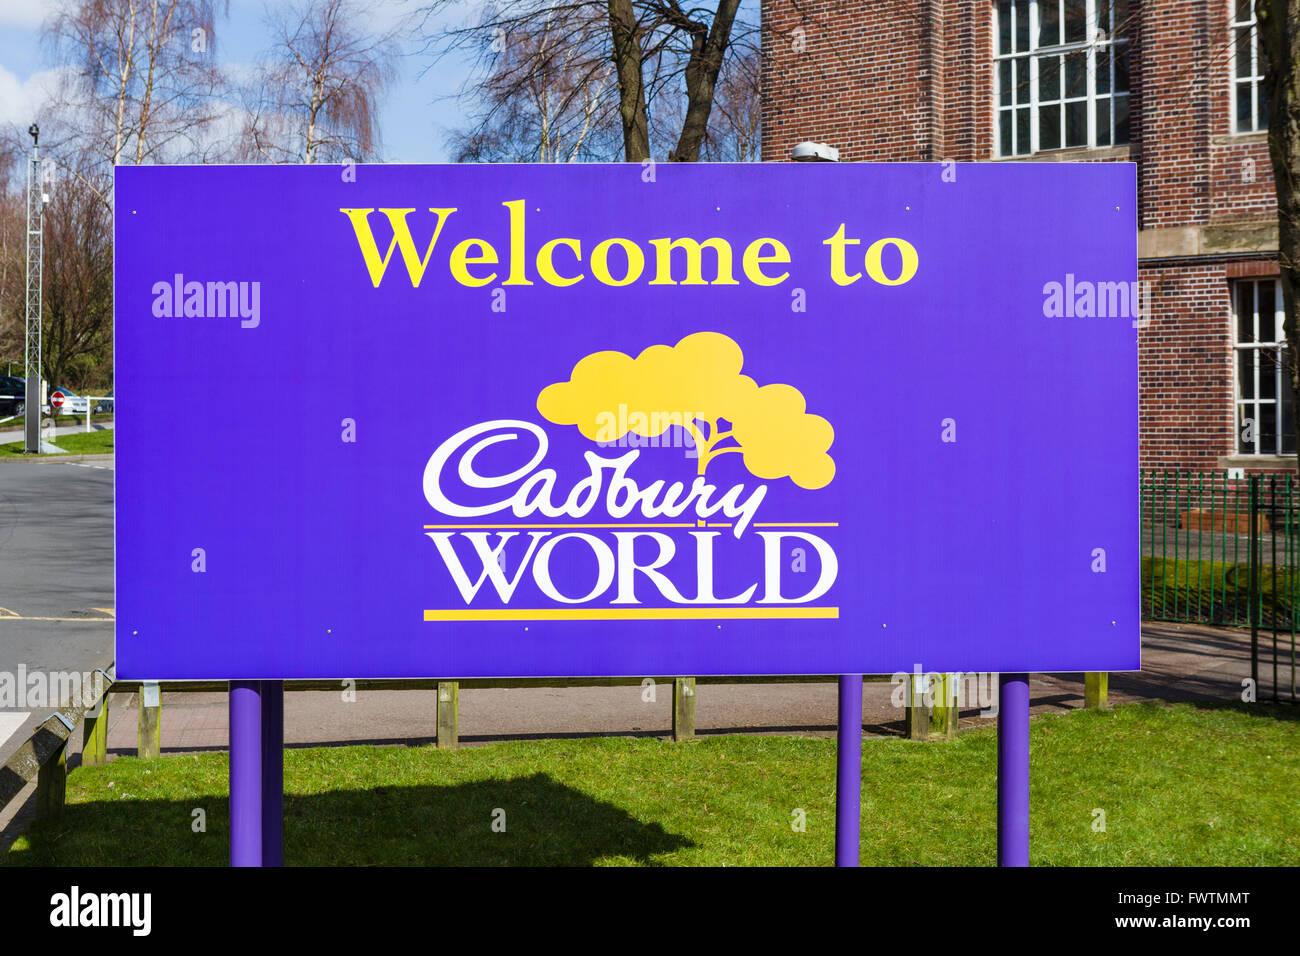 Entrance to Cadbury World, Bournville, Birmingham, West Midlands, UK - Stock Image